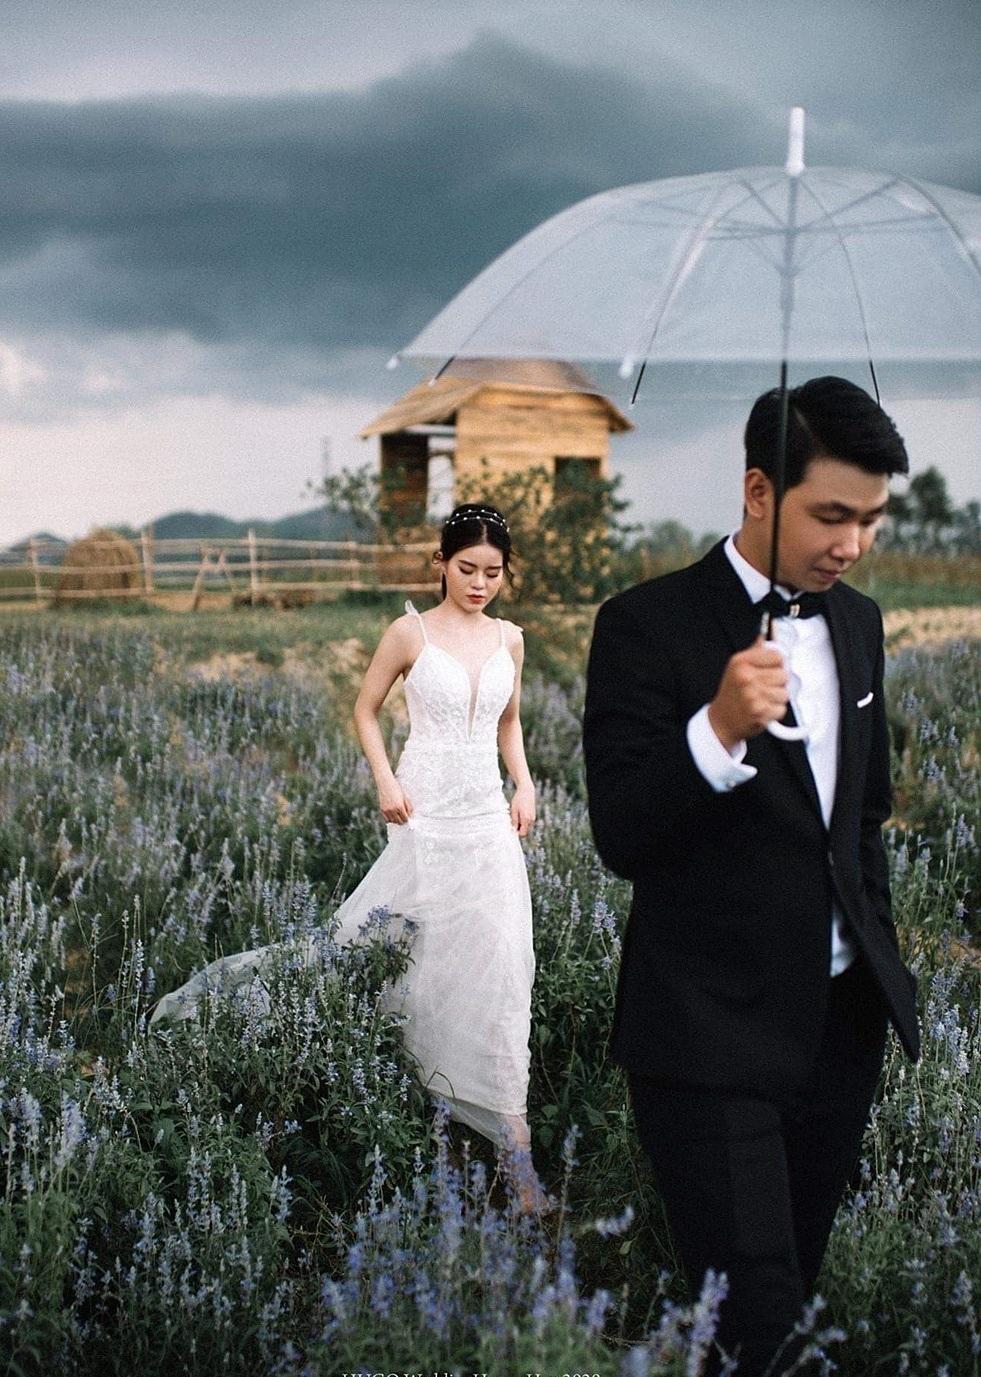 Nhiều đôi uyên ương cũng đến đây chụp ảnh cưới, ghi lại khoảnh khắc đẹp nhất cho chuyện tình.